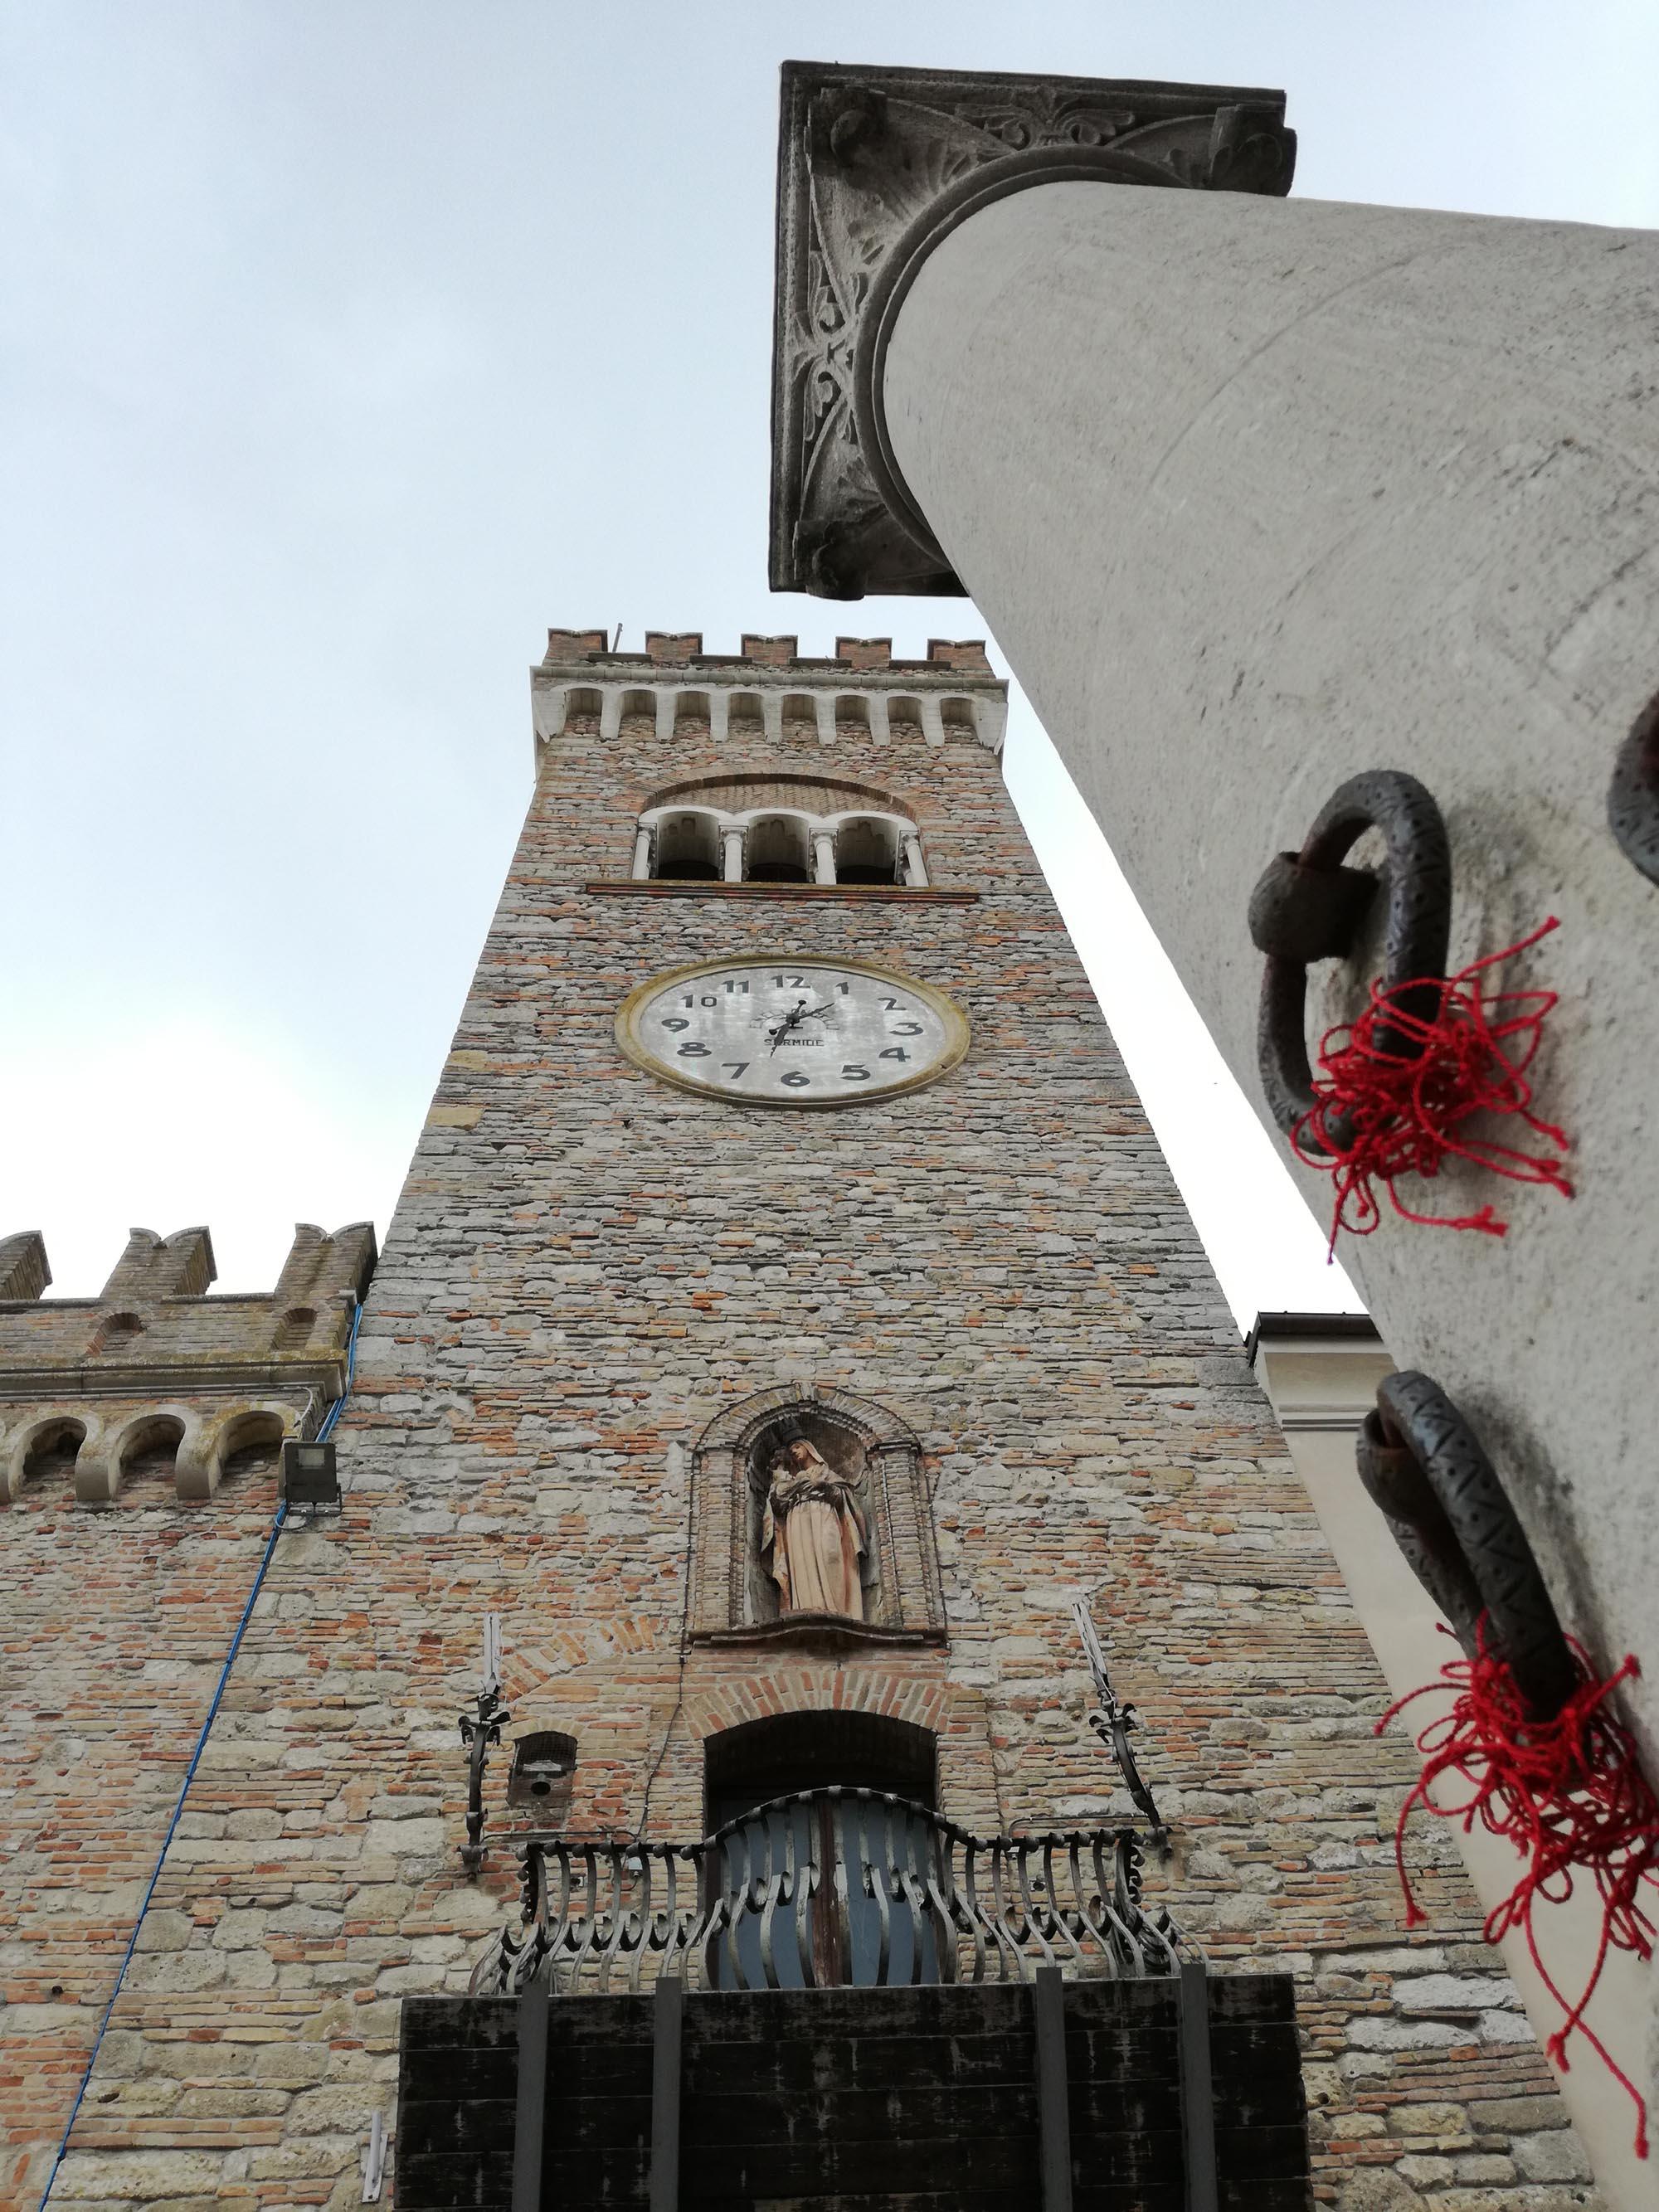 Bertinoro colonna ospitalità e torre